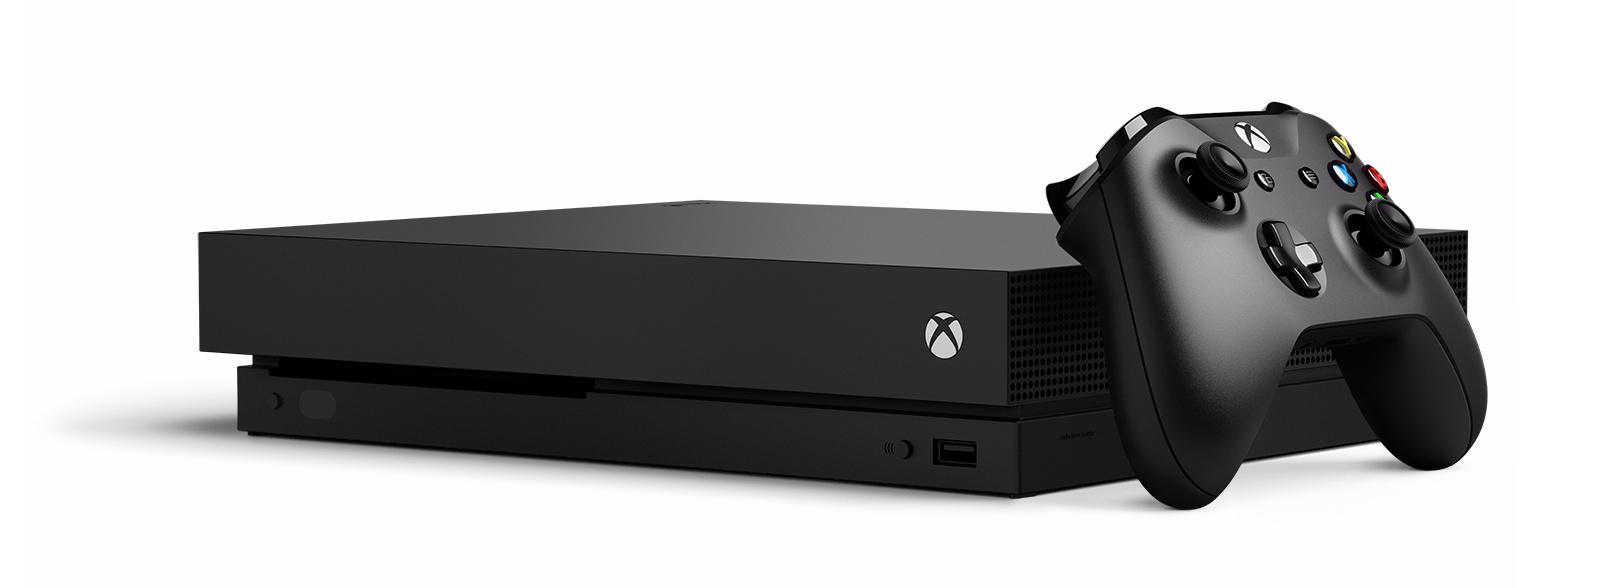 Xbox One X z kontrolerem